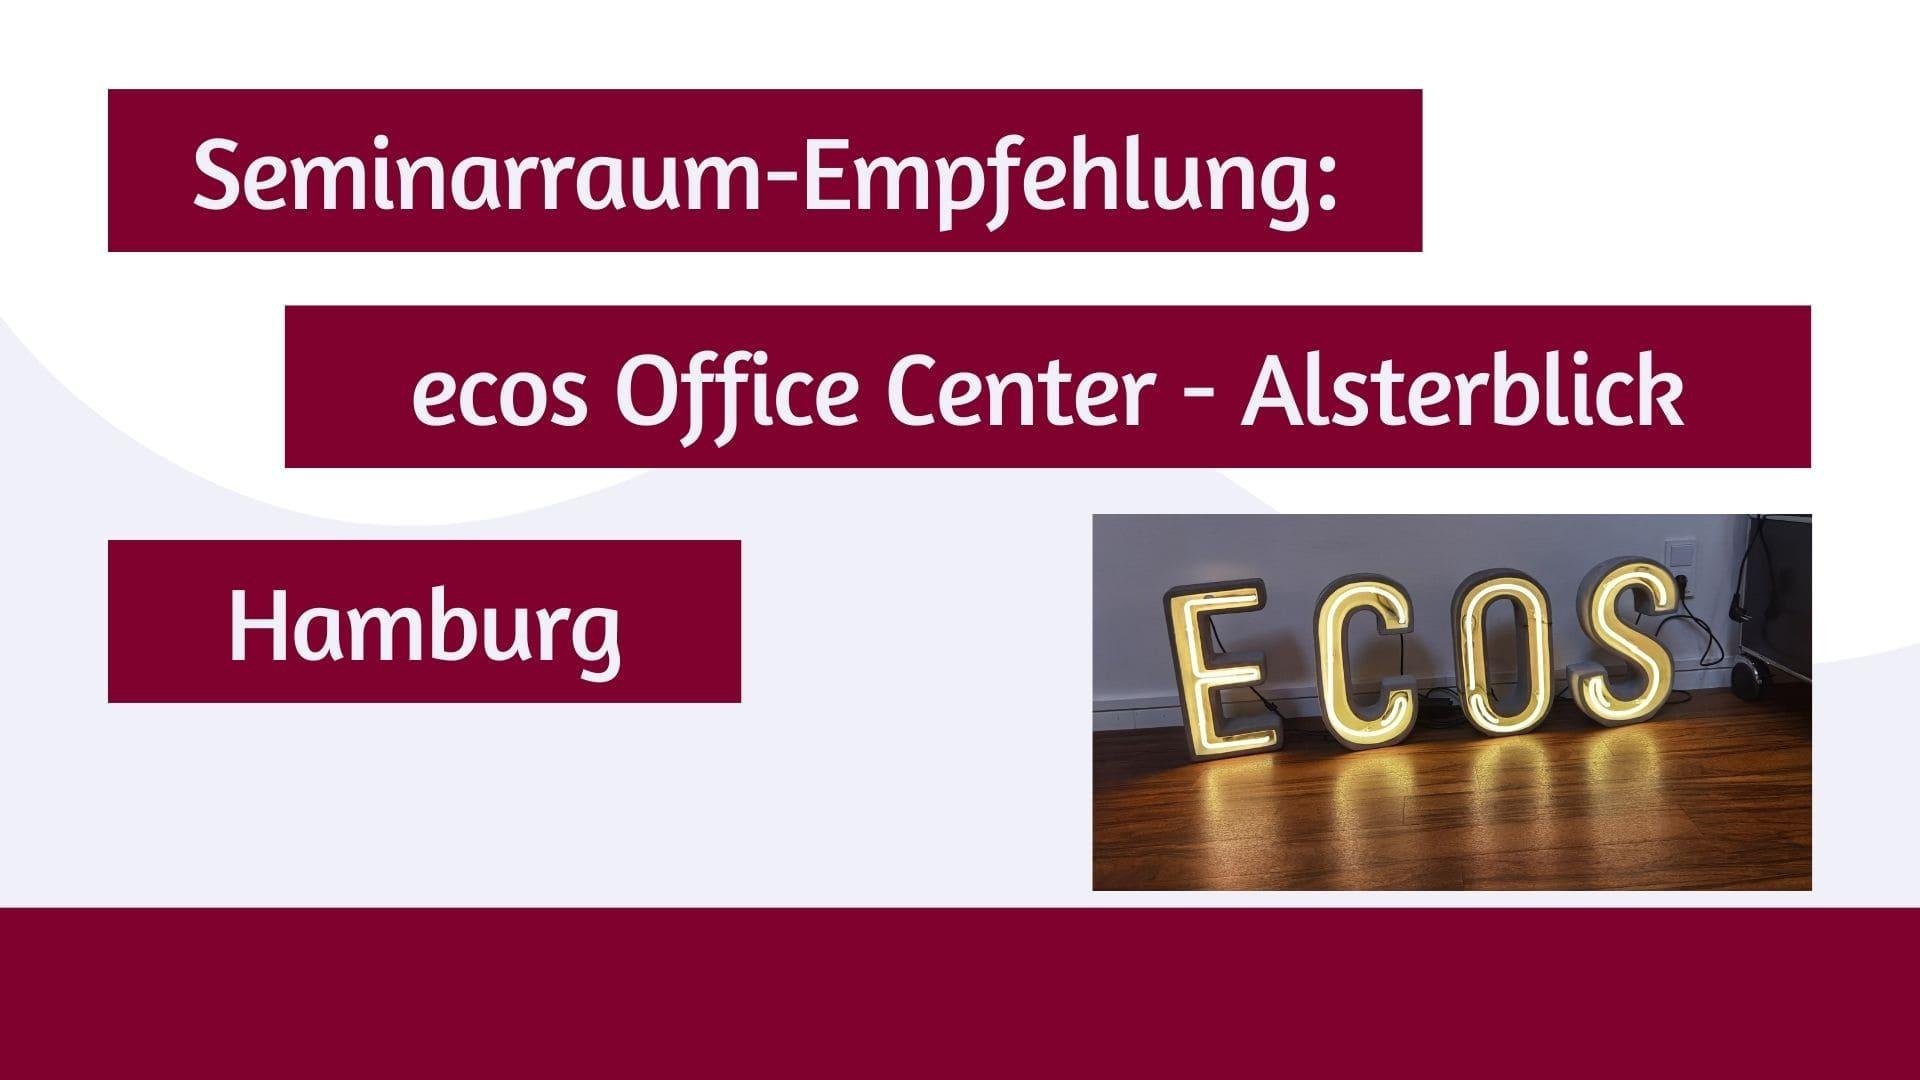 Seminarraum-Empfehlung für das ecos Office Center Hamburg